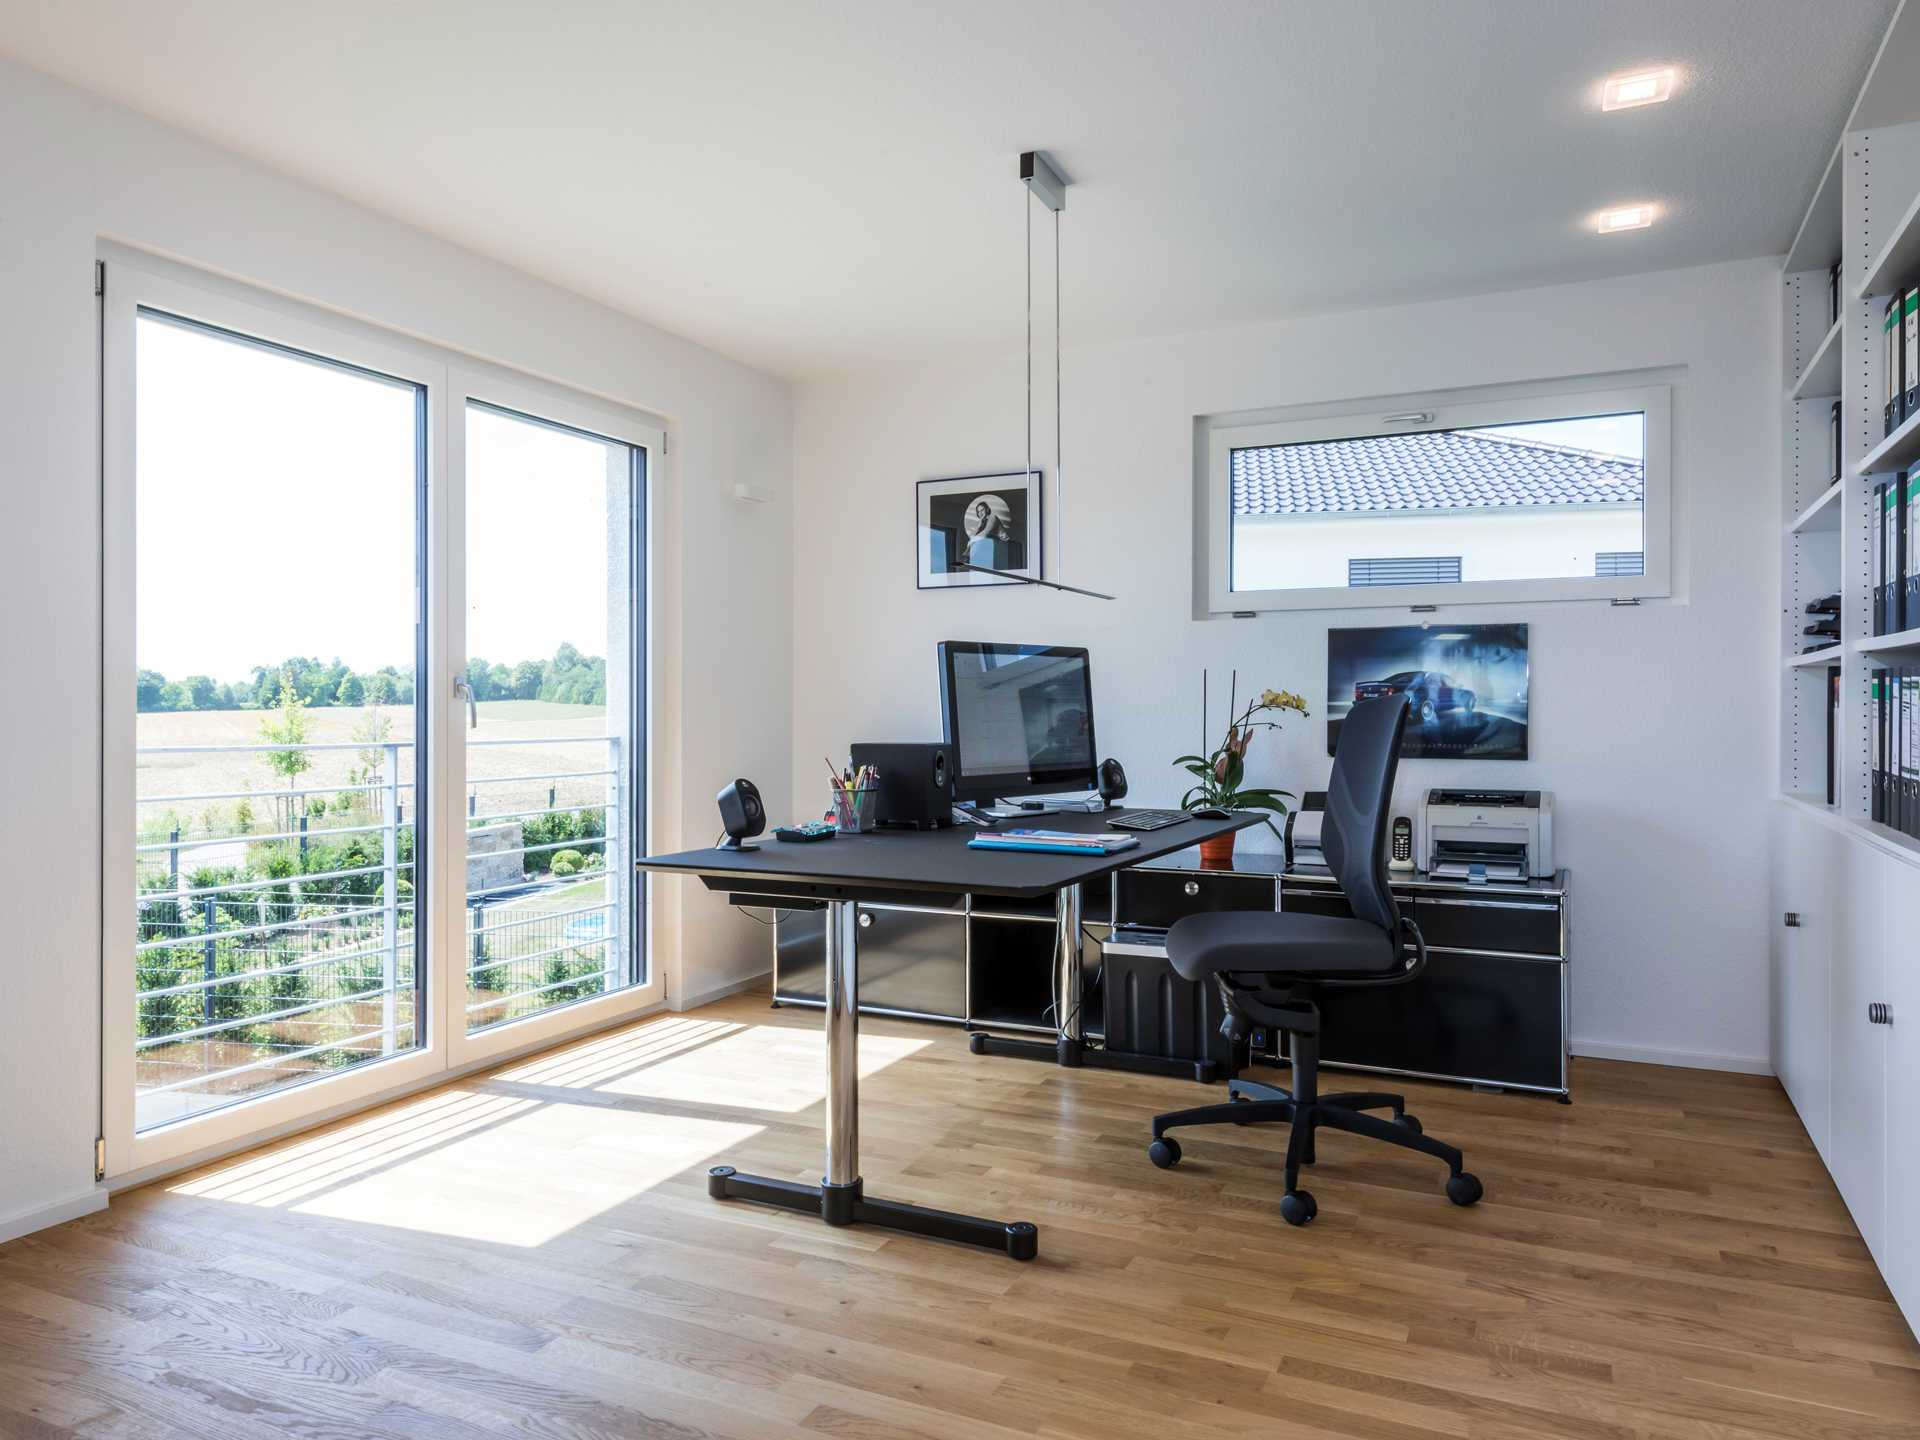 35 Modern Home Office Design Ideas: Bauhausstil Empfingen